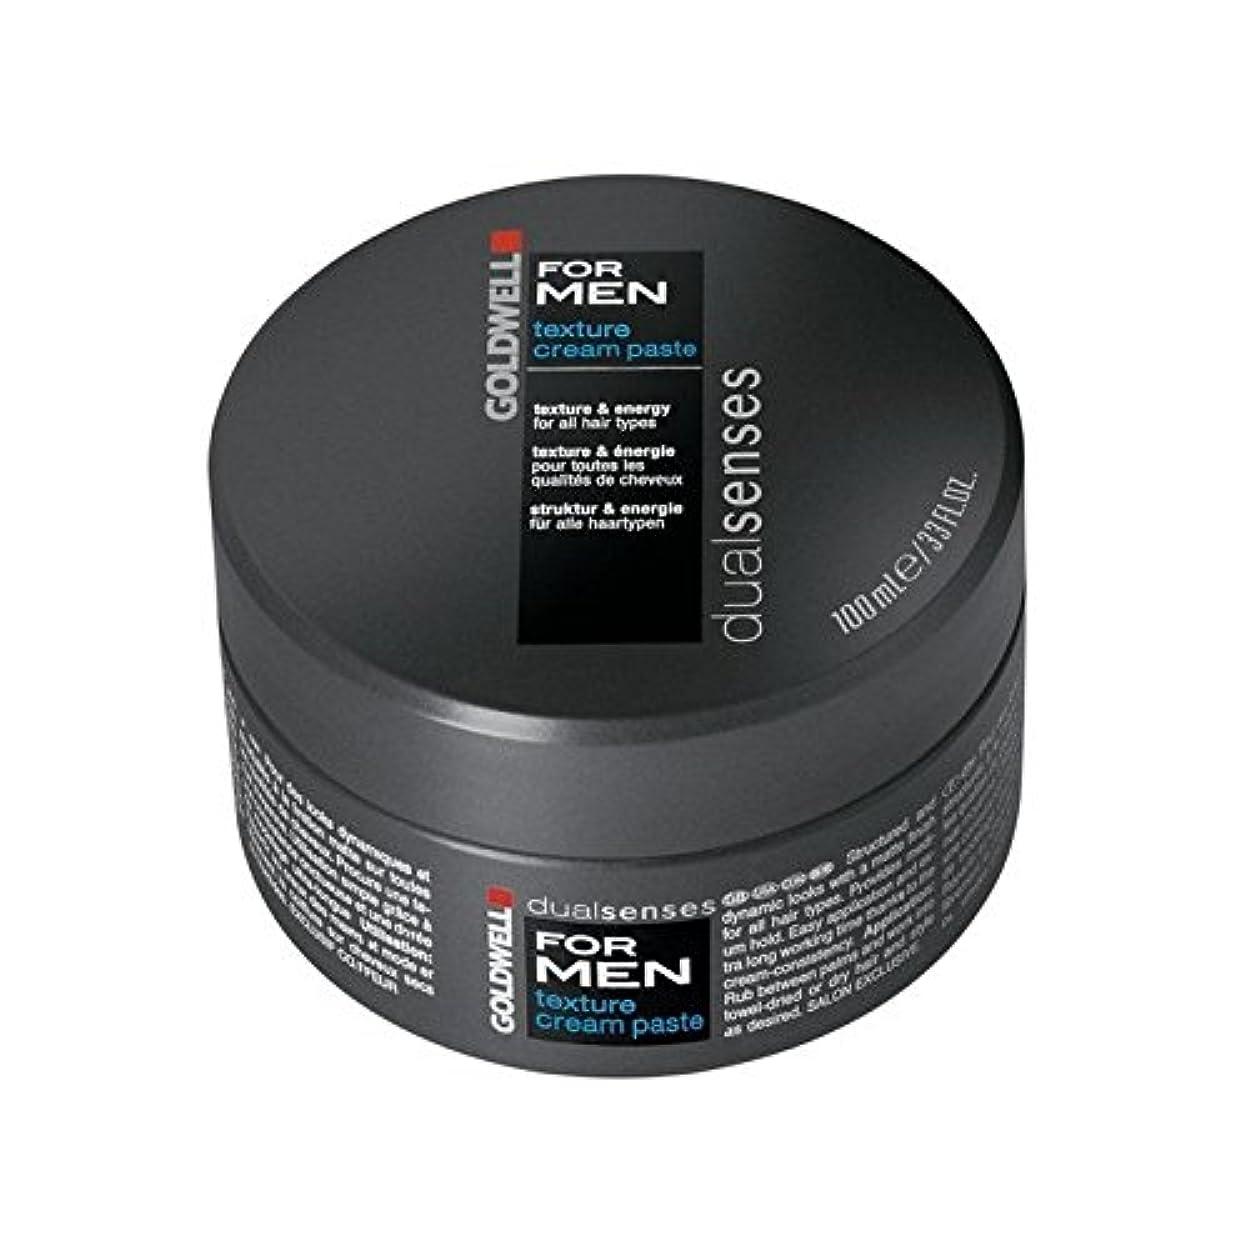 ストレージとにかく揮発性Goldwell Dualsenses For Men Texture Cream Paste (100ml) - 男性のテクスチャーのクリームペースト(100ミリリットル)のためのの [並行輸入品]